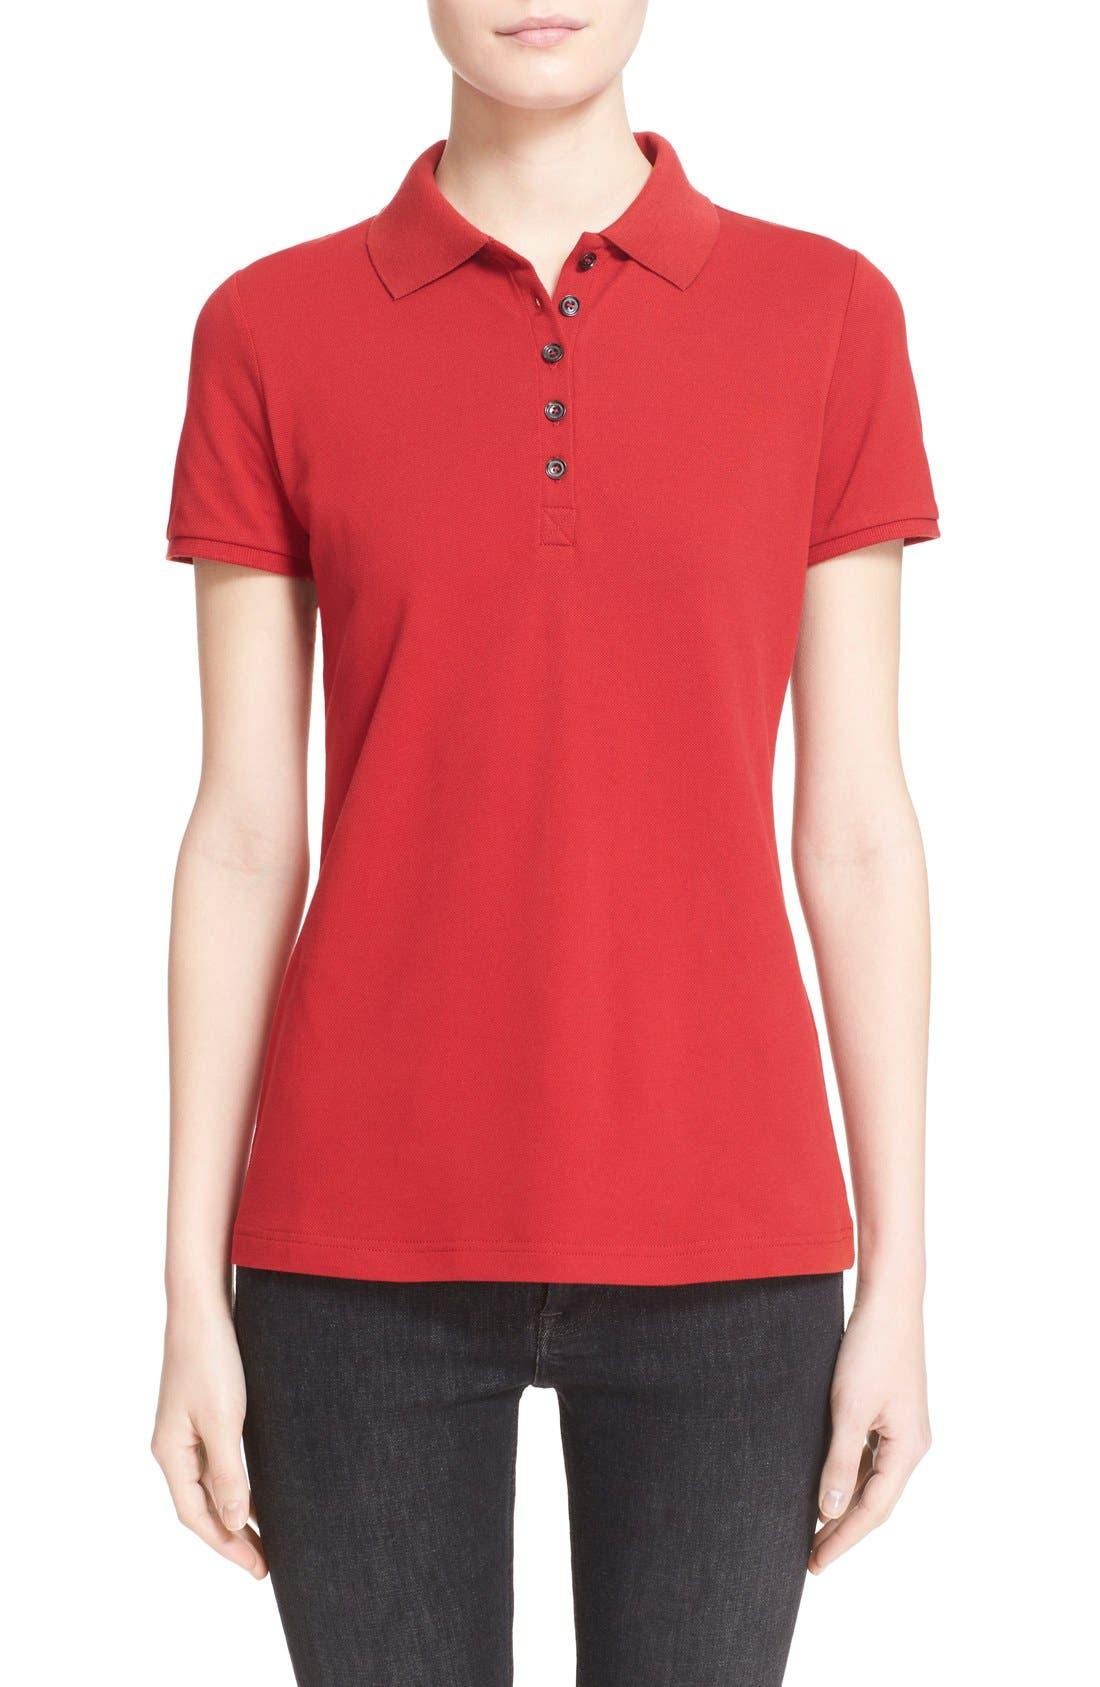 Alternate Image 1 Selected - Burberry Check Trim Piqué Polo Shirt